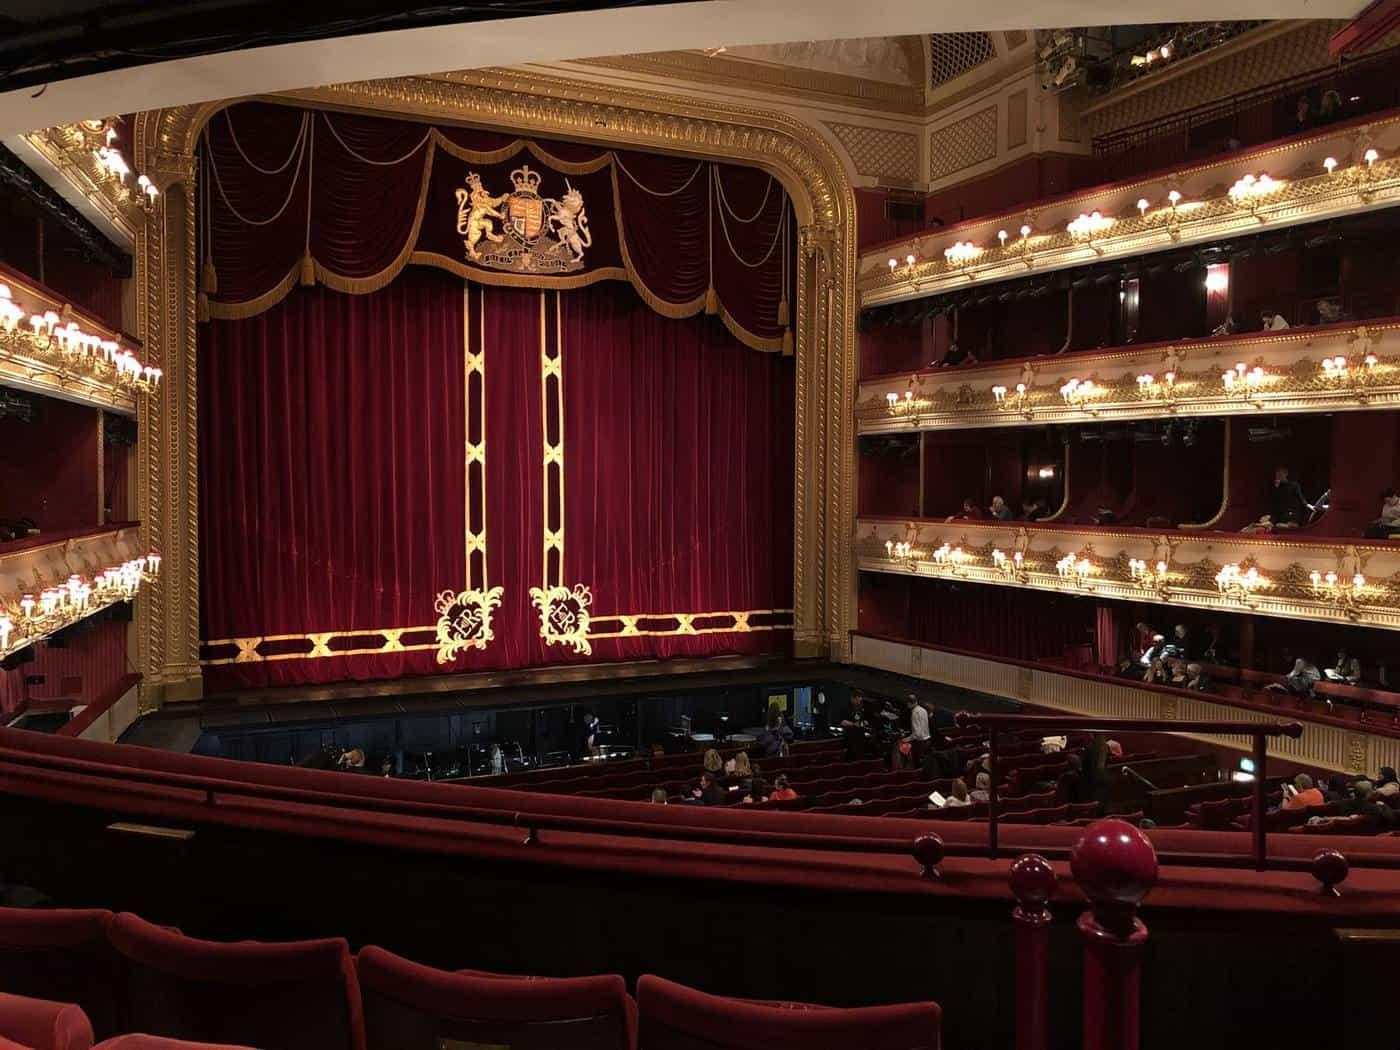 Hier können Sie sich 2021 eine Oper online ansehen Oper bayrische staatsoper